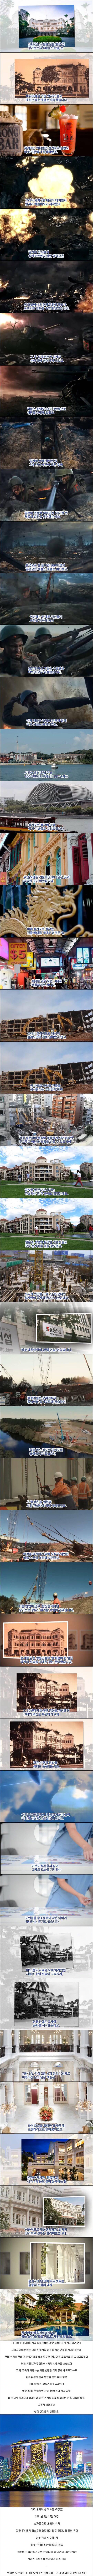 여러 시공사들이 거절했던 호텔 복원을 한국 기업이 복원.jpg | 인스티즈